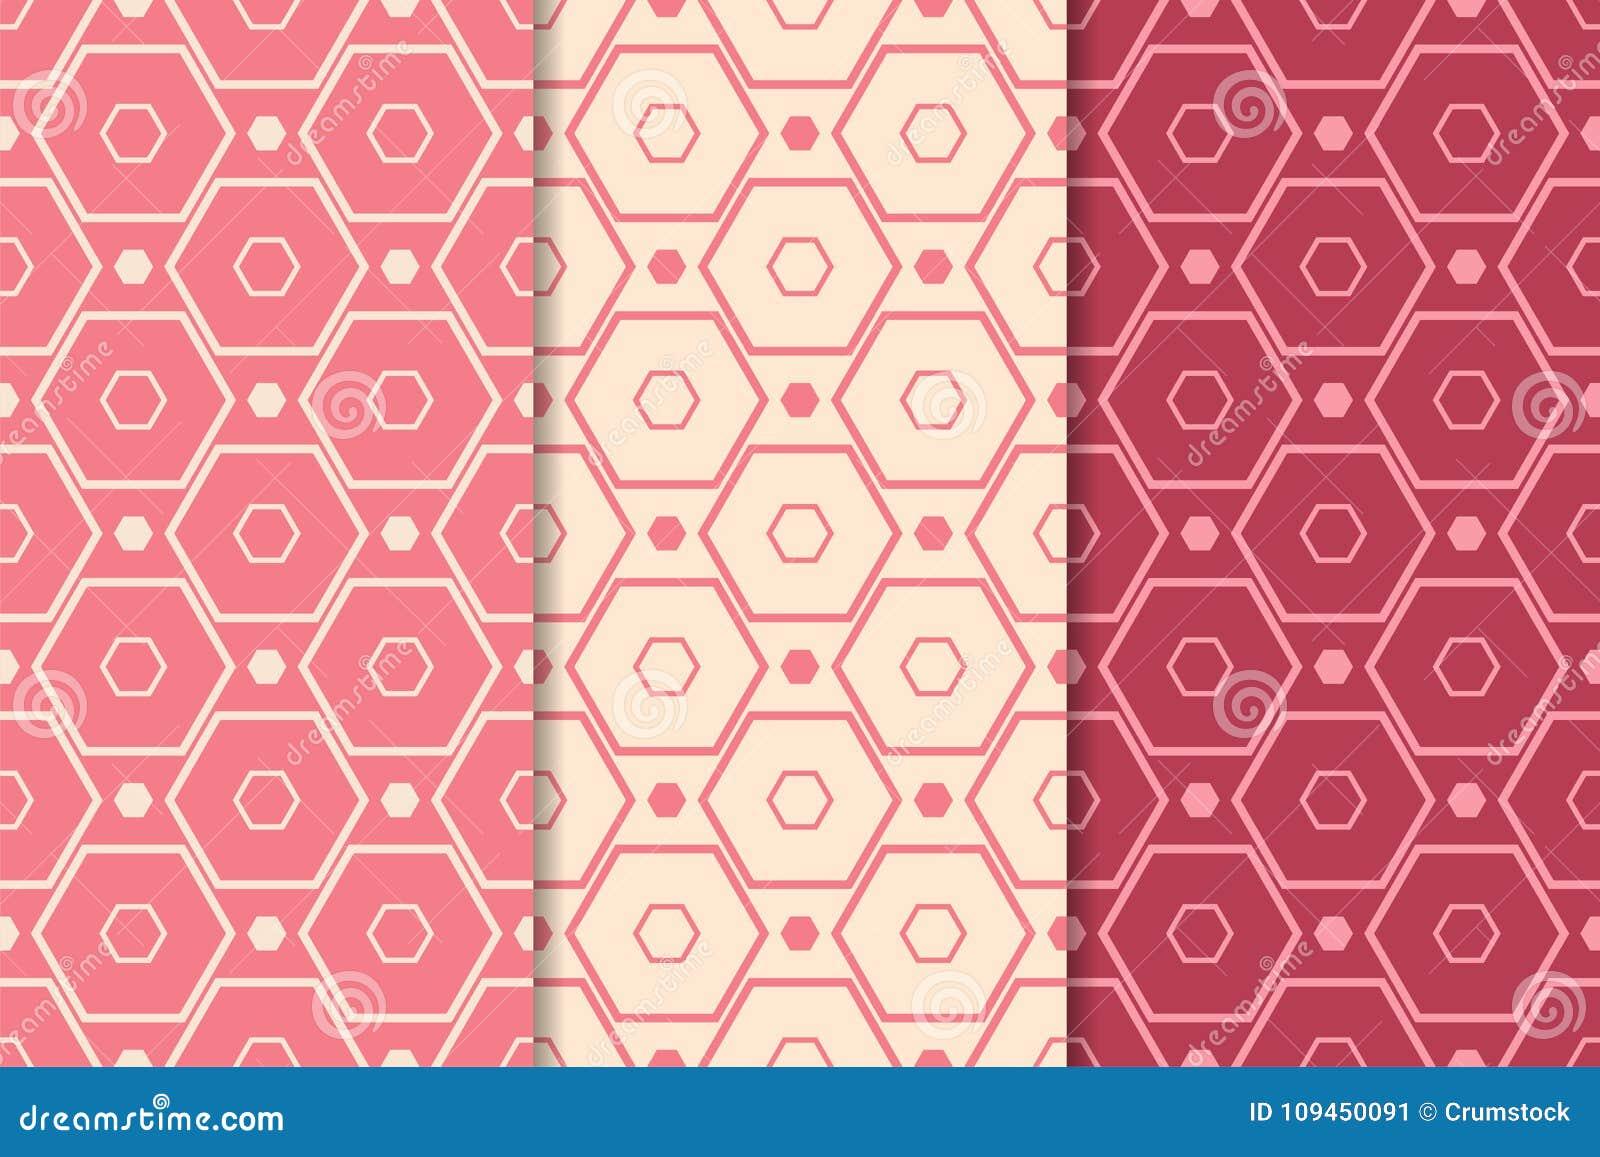 Печати красного цвета вишни геометрические делает по образцу безшовный комплект